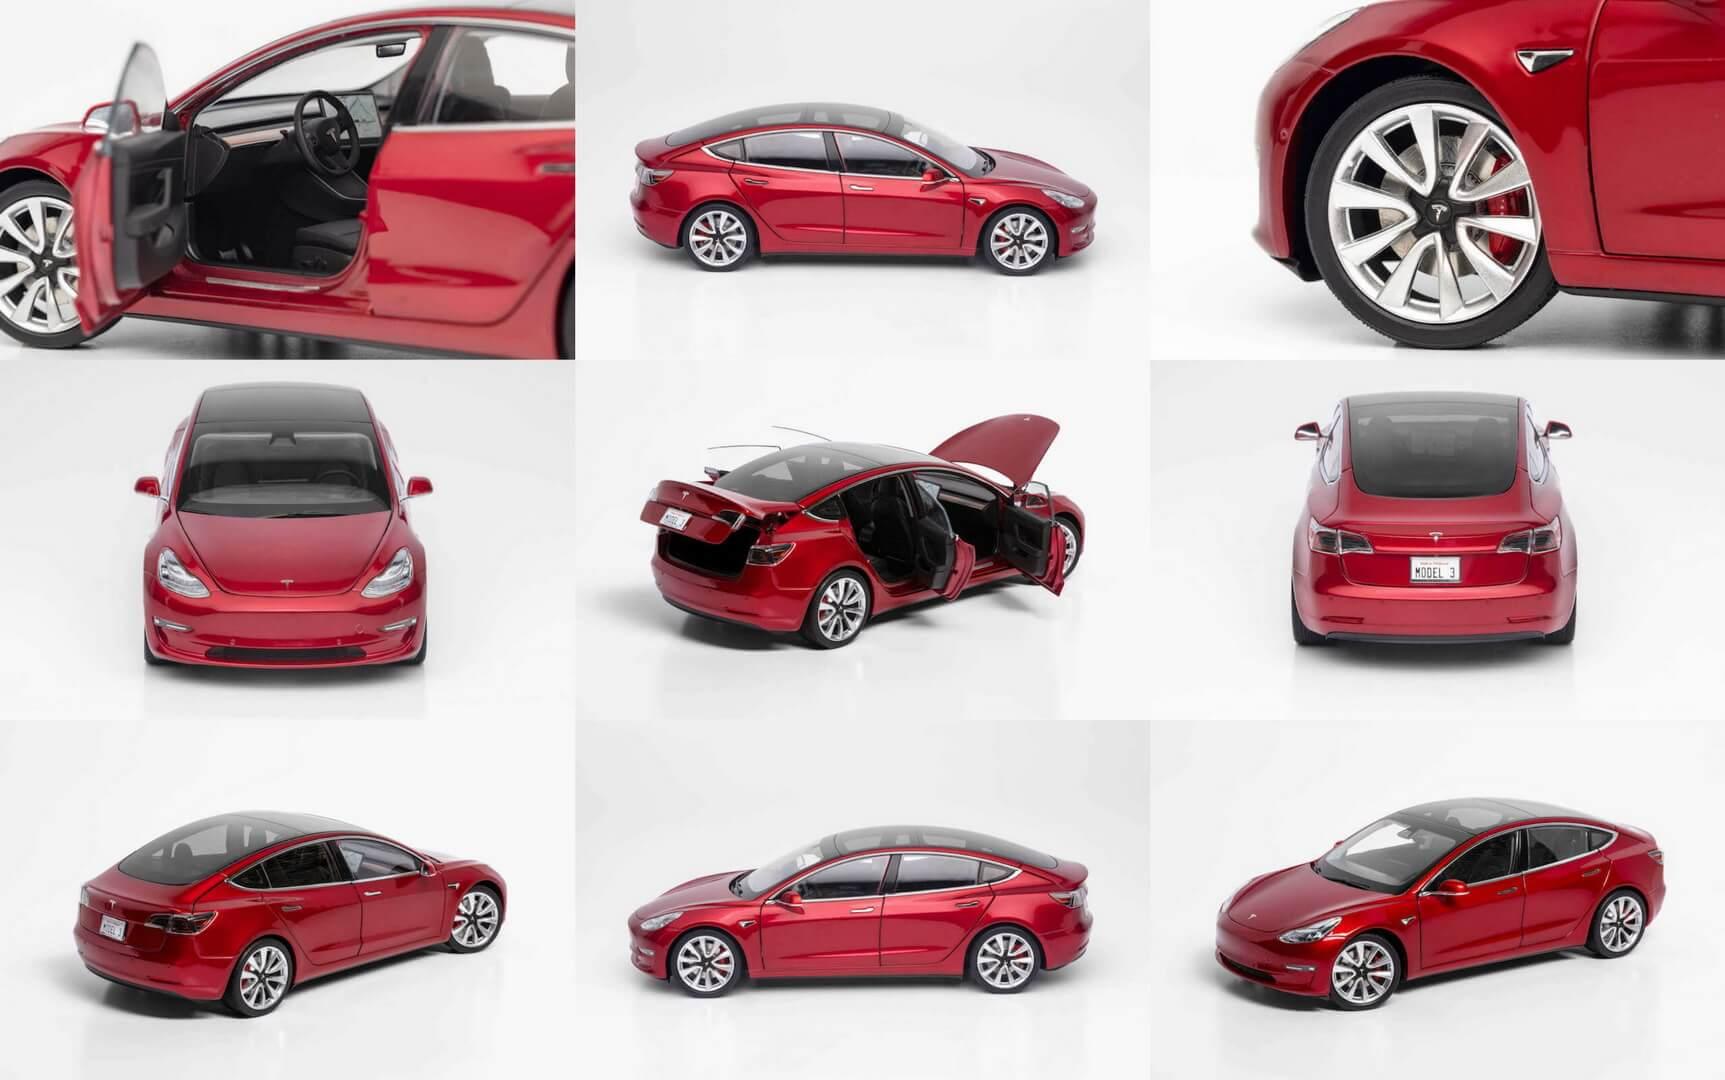 Электромобиль Model 3 в масштабе 1:18 shop.tesla.com